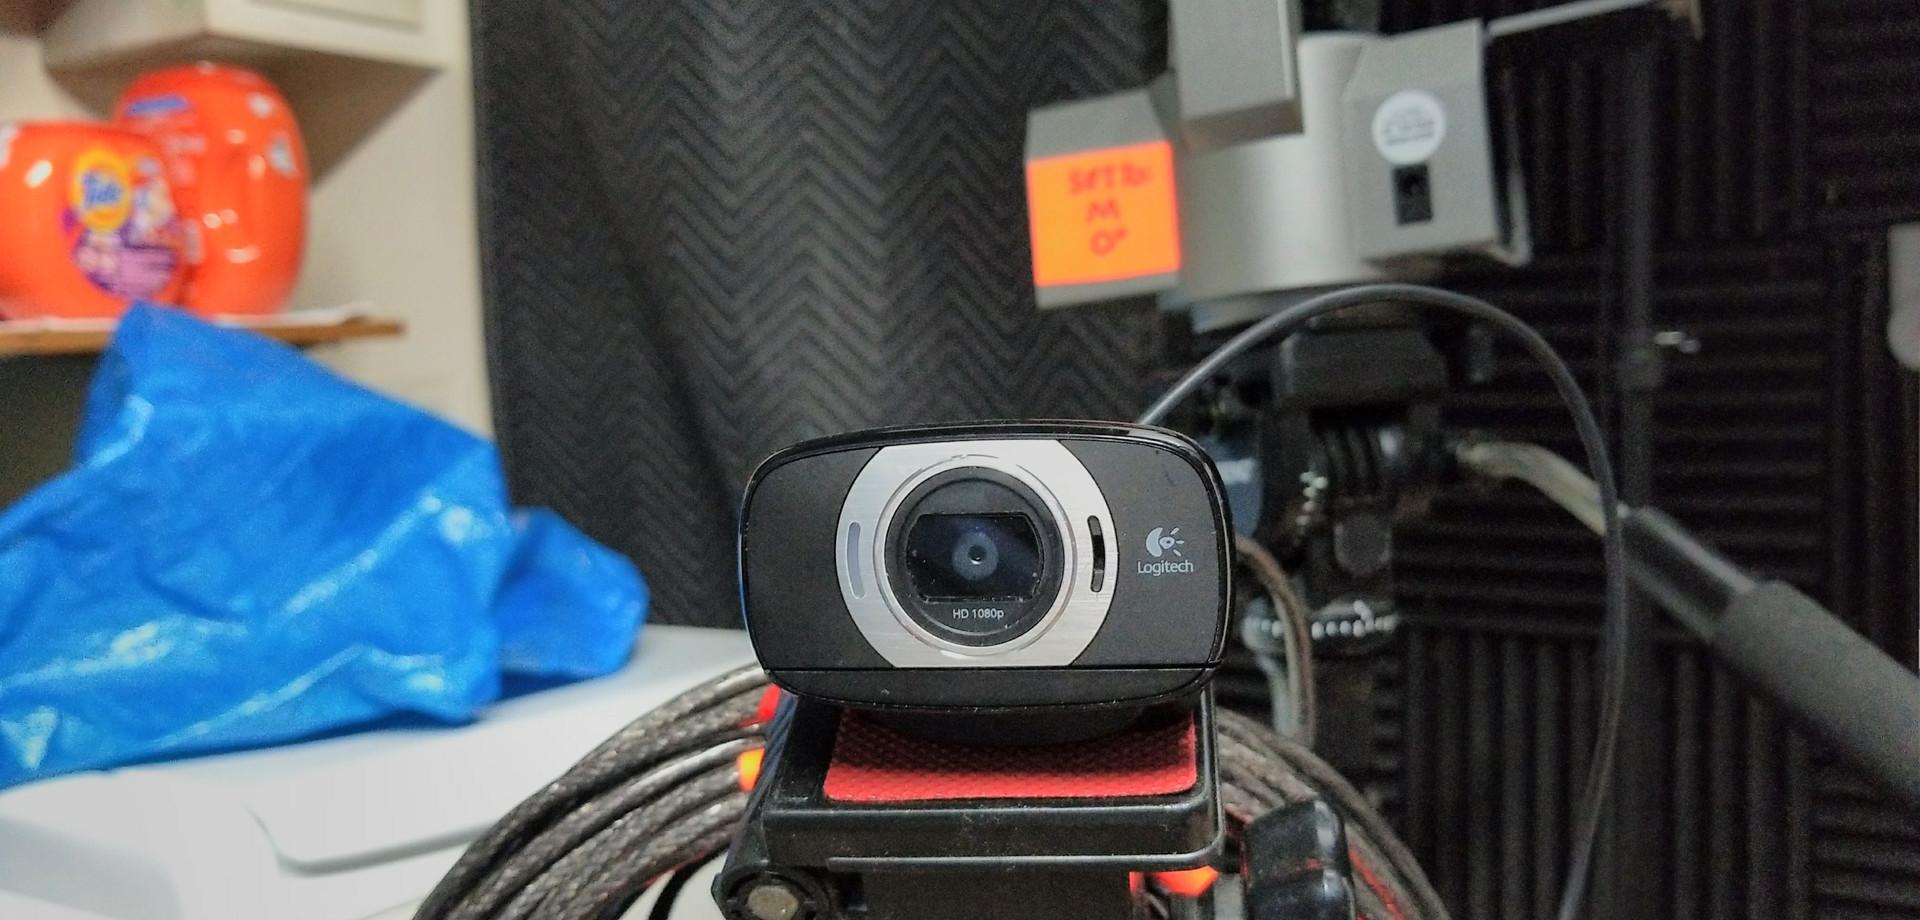 Our Remote Skype Webcam